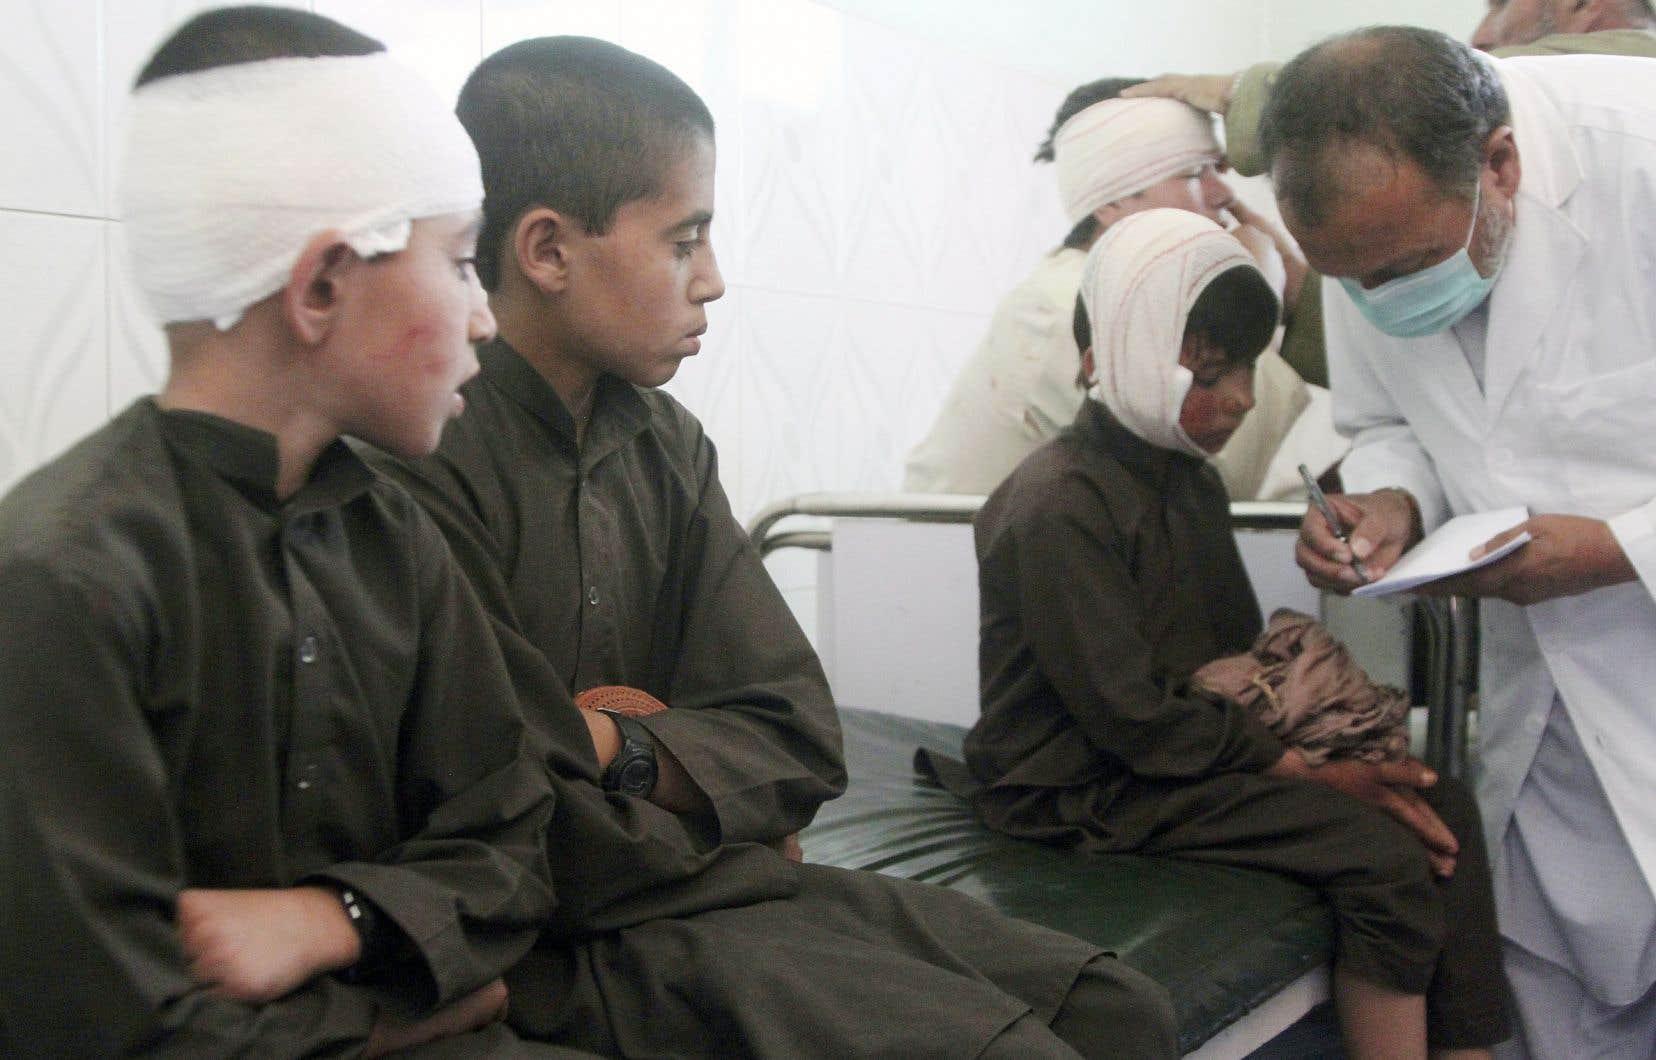 De jeunes garçons étaient soignés pour des blessures encourues dans l'attentat suicide qui a fait 12 morts dimanche à Ghazni, dans l'est de l'Afghanistan.